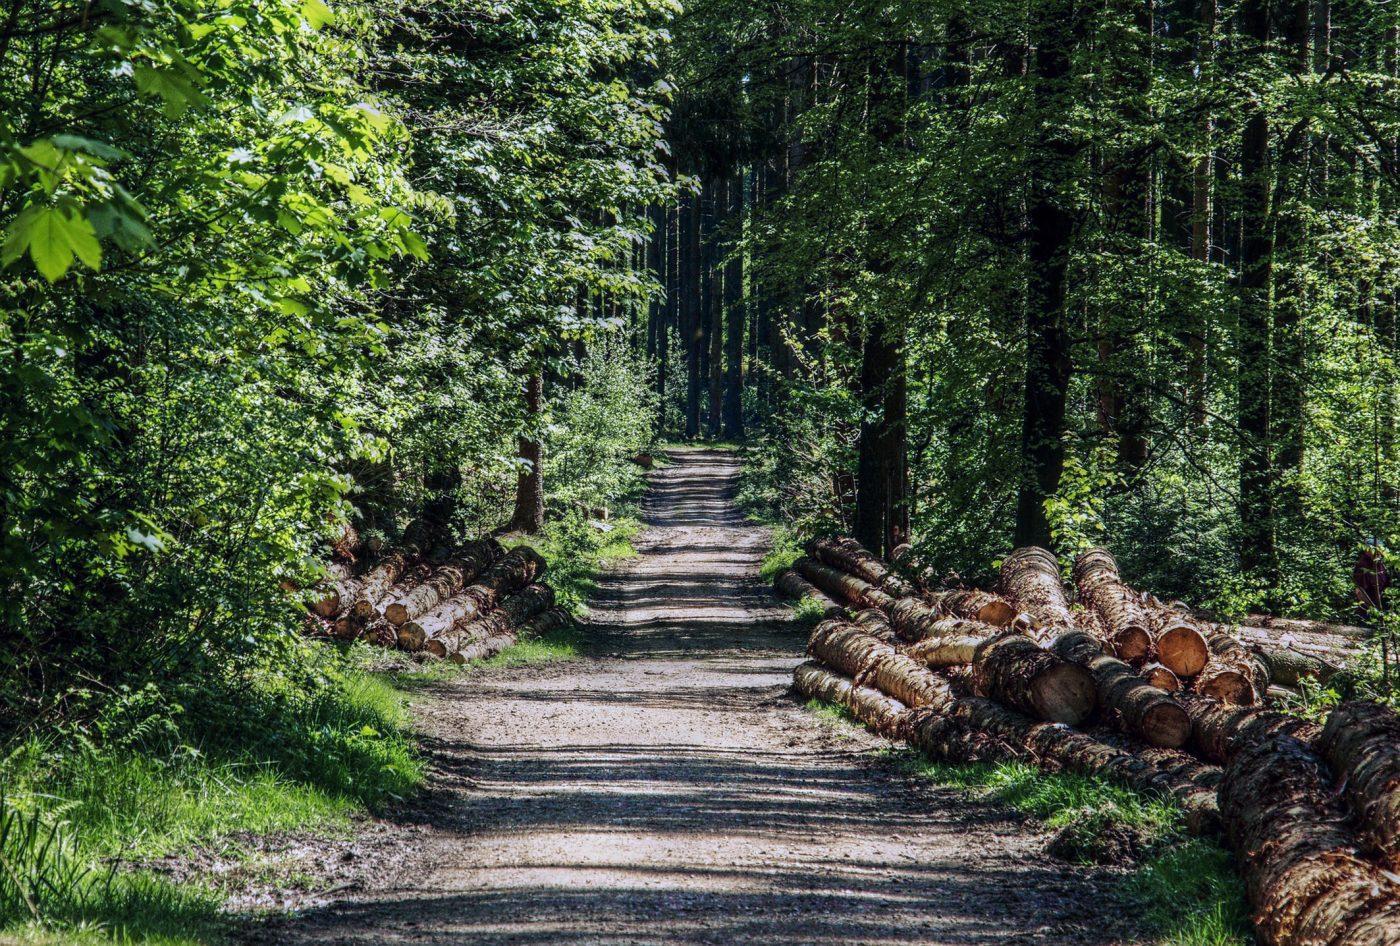 La madera de los montes españoles aportó más de 100 millones de euros a la economía en 2018